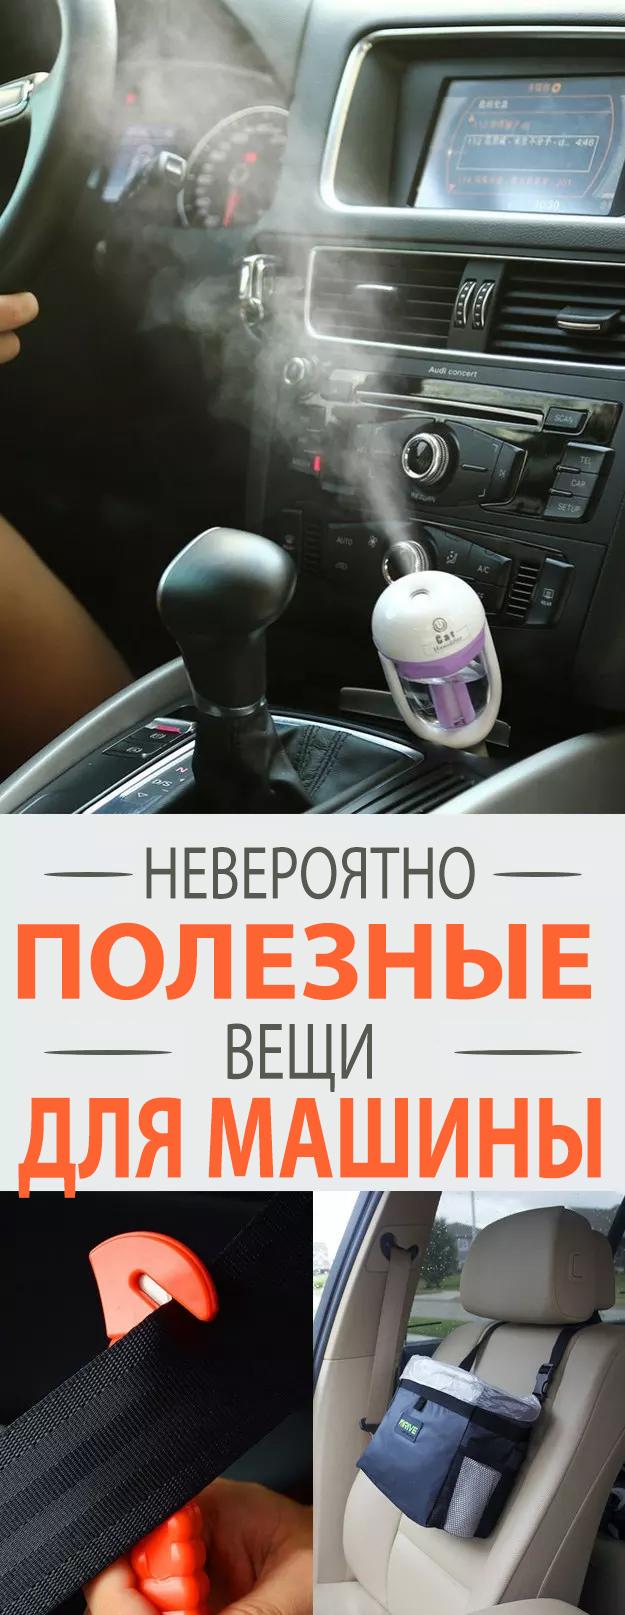 Желательно,эти полезные вещи держать в автомобиле